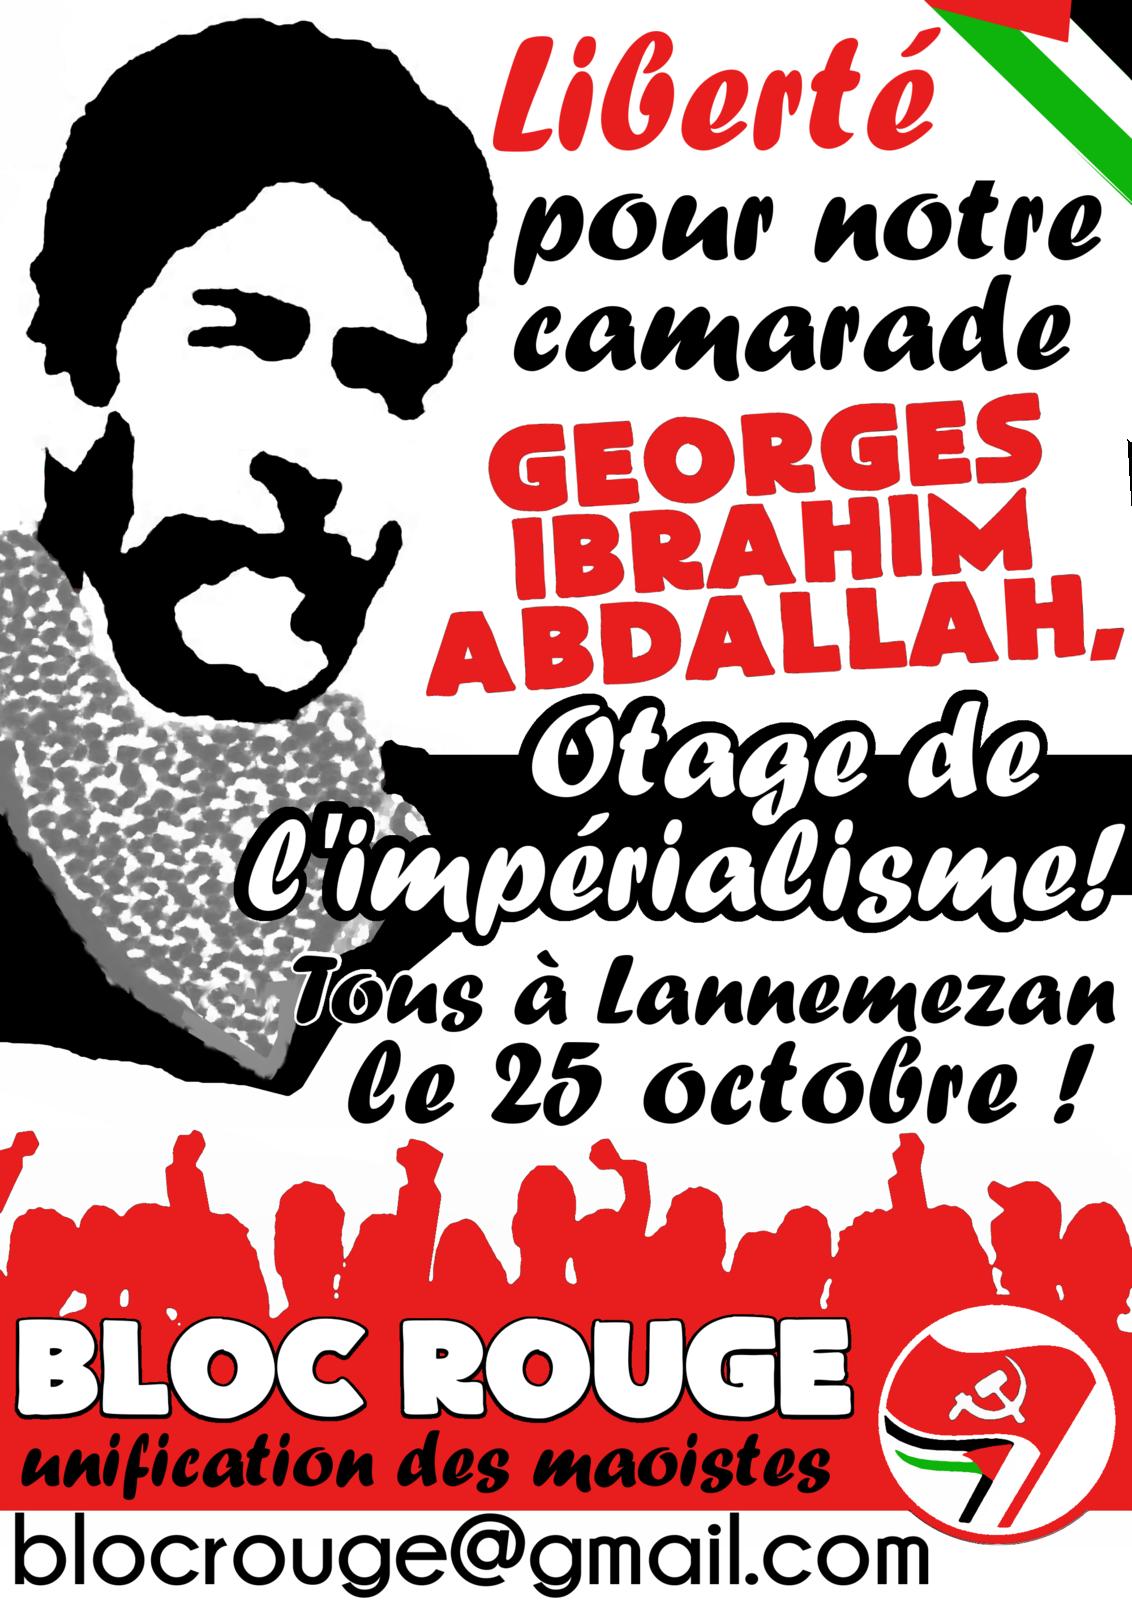 25 octobre 2014 : Georges Abdallah entame sa 31e année de détention. APPEL.